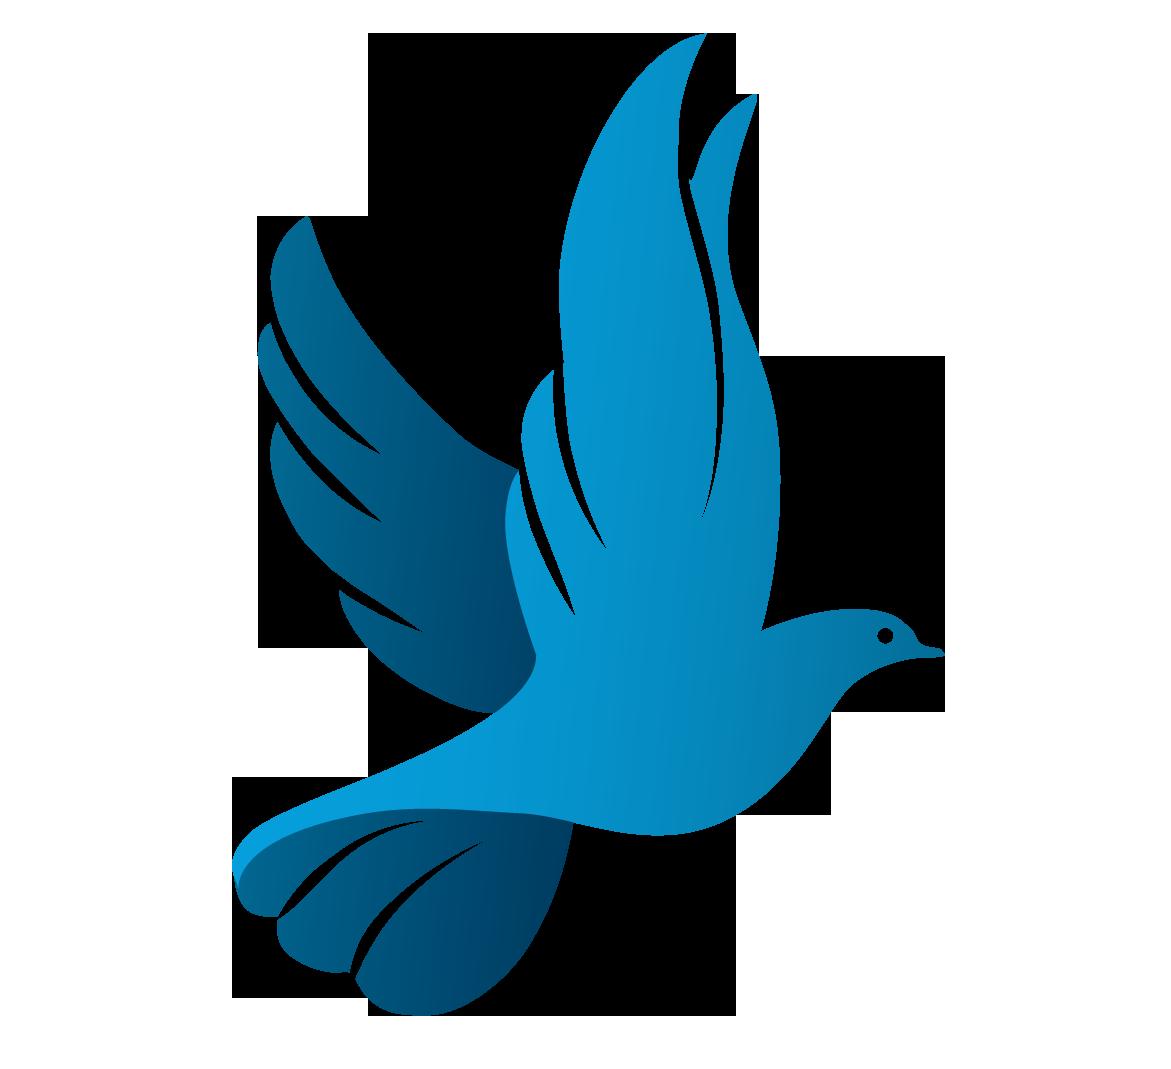 Afbeeldingsresultaat voor church dove logo design nkhazie afbeeldingsresultaat voor church dove logo design thecheapjerseys Images